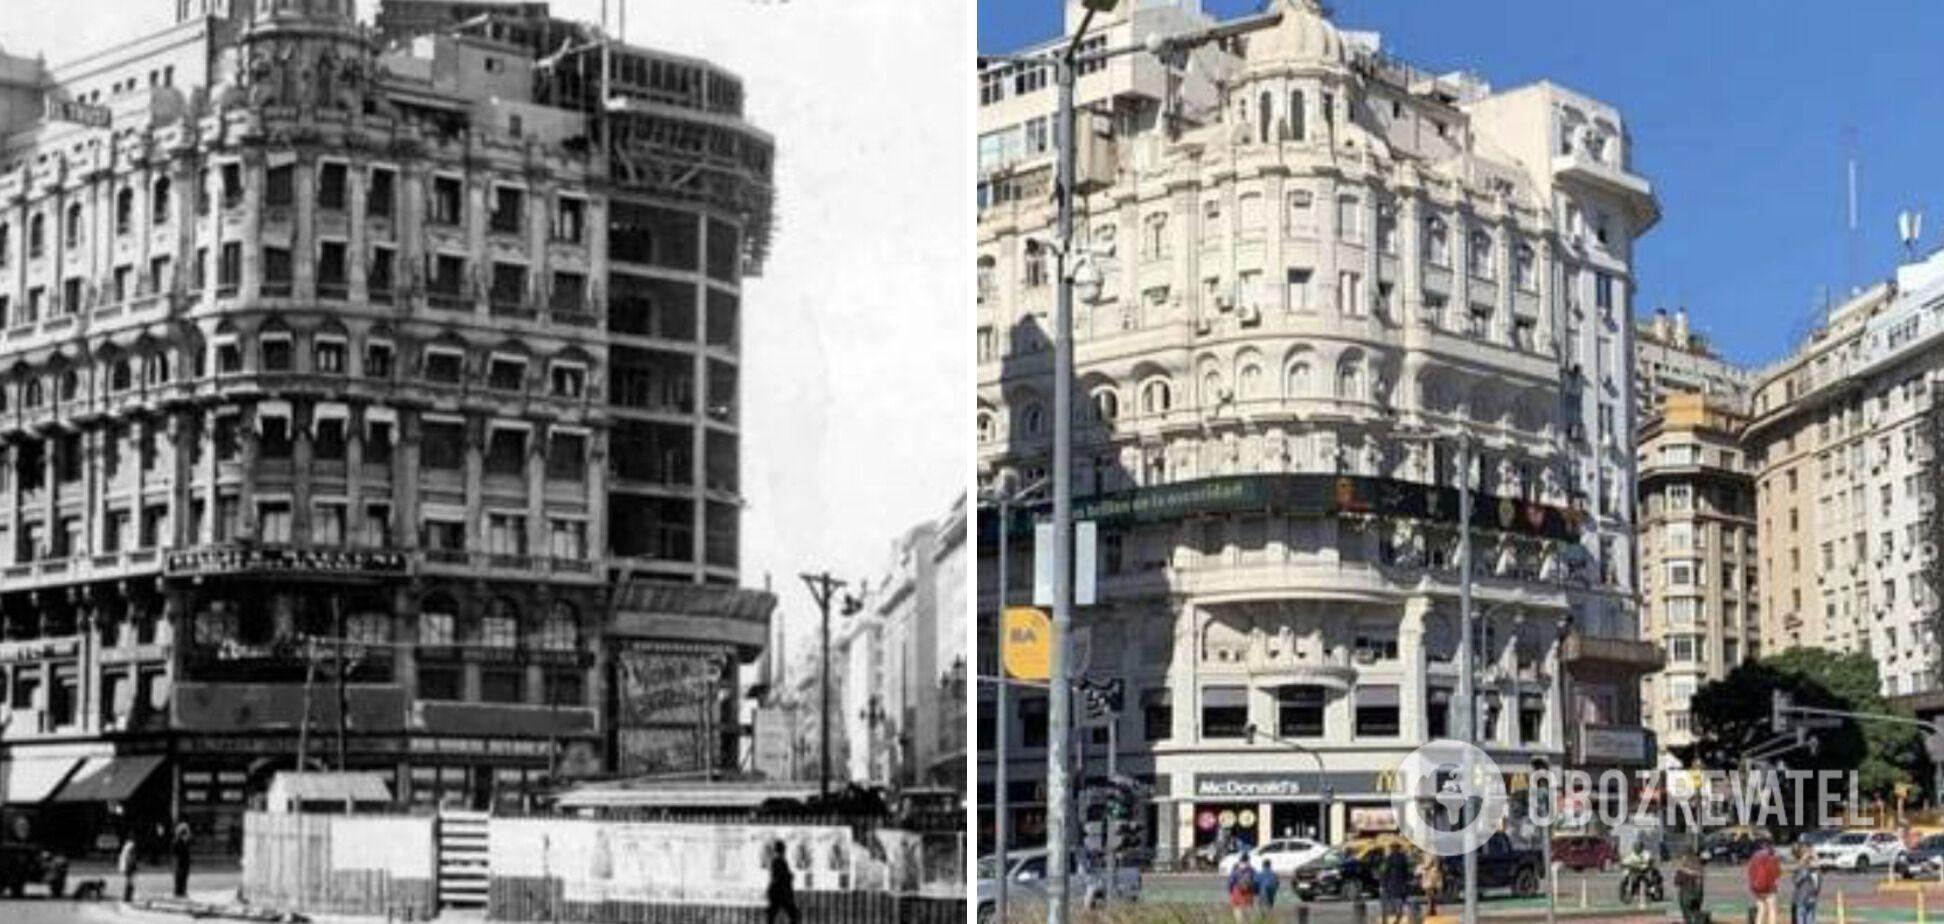 Буэнос-Айрес в 1925 году и в 2021.